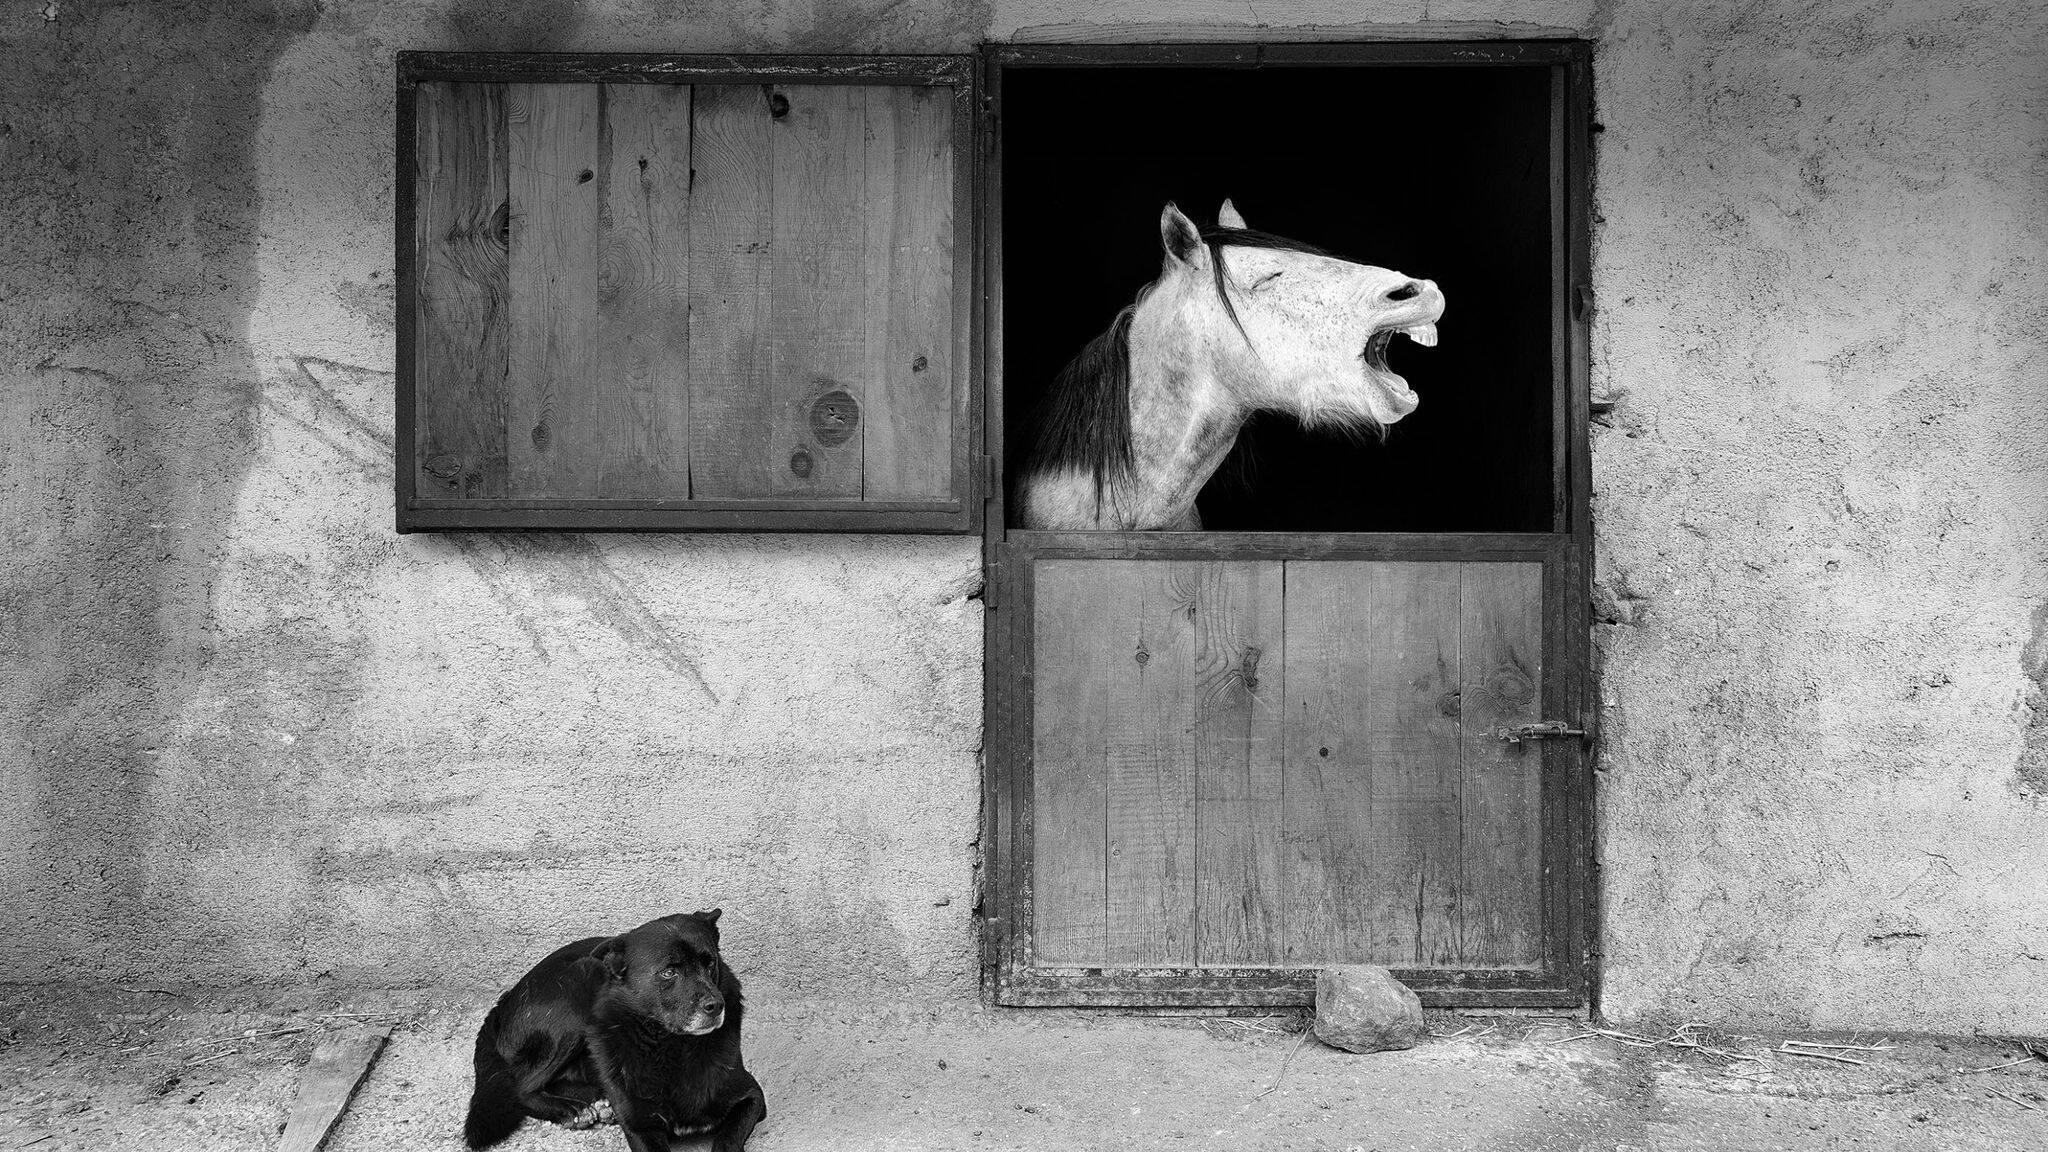 Concurso de fotos engraçadas: cavalos sorridentes, gatos malabaristas e cães 'loucos' estão entre os finalistas